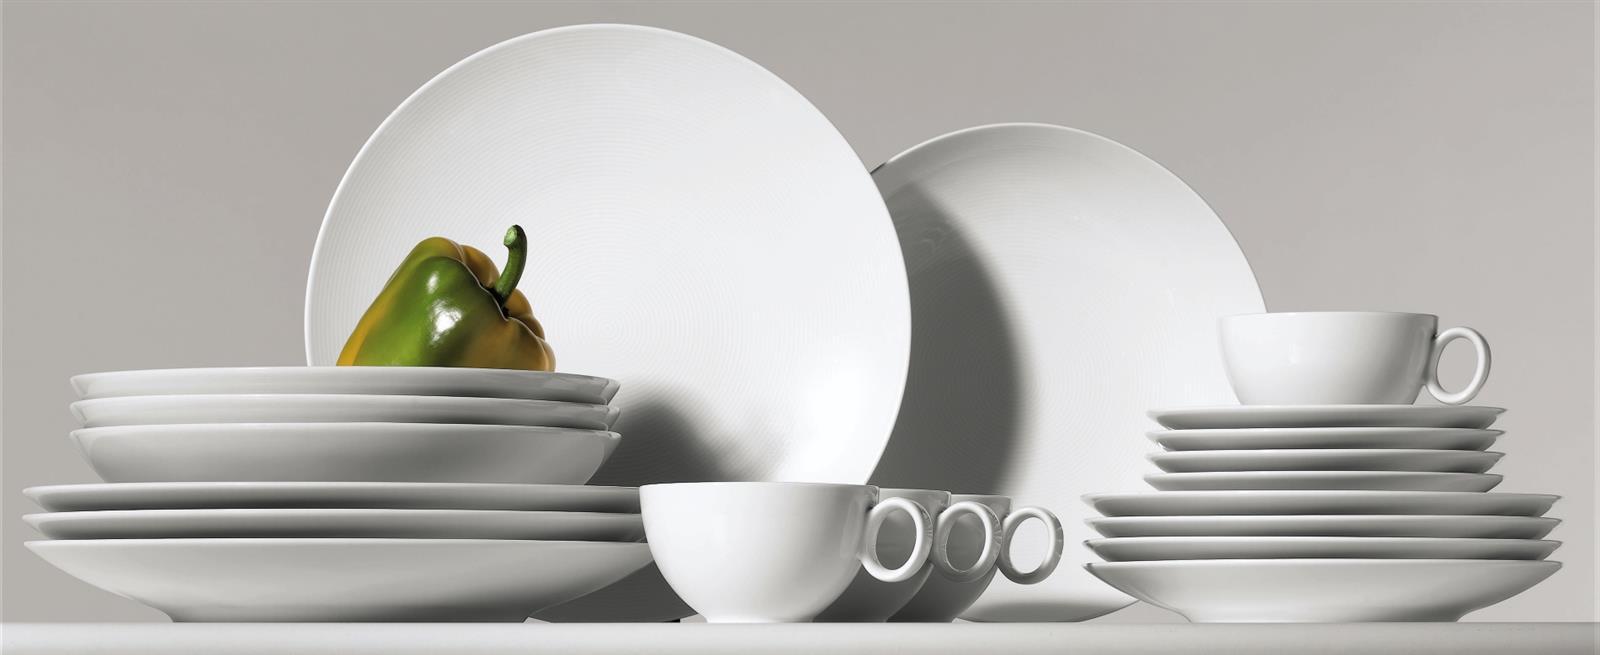 Thomas Geschirr Loft : rosenthal thomas geschirr set tee loft wei 20 teilig eur 149 00 ~ Whattoseeinmadrid.com Haus und Dekorationen